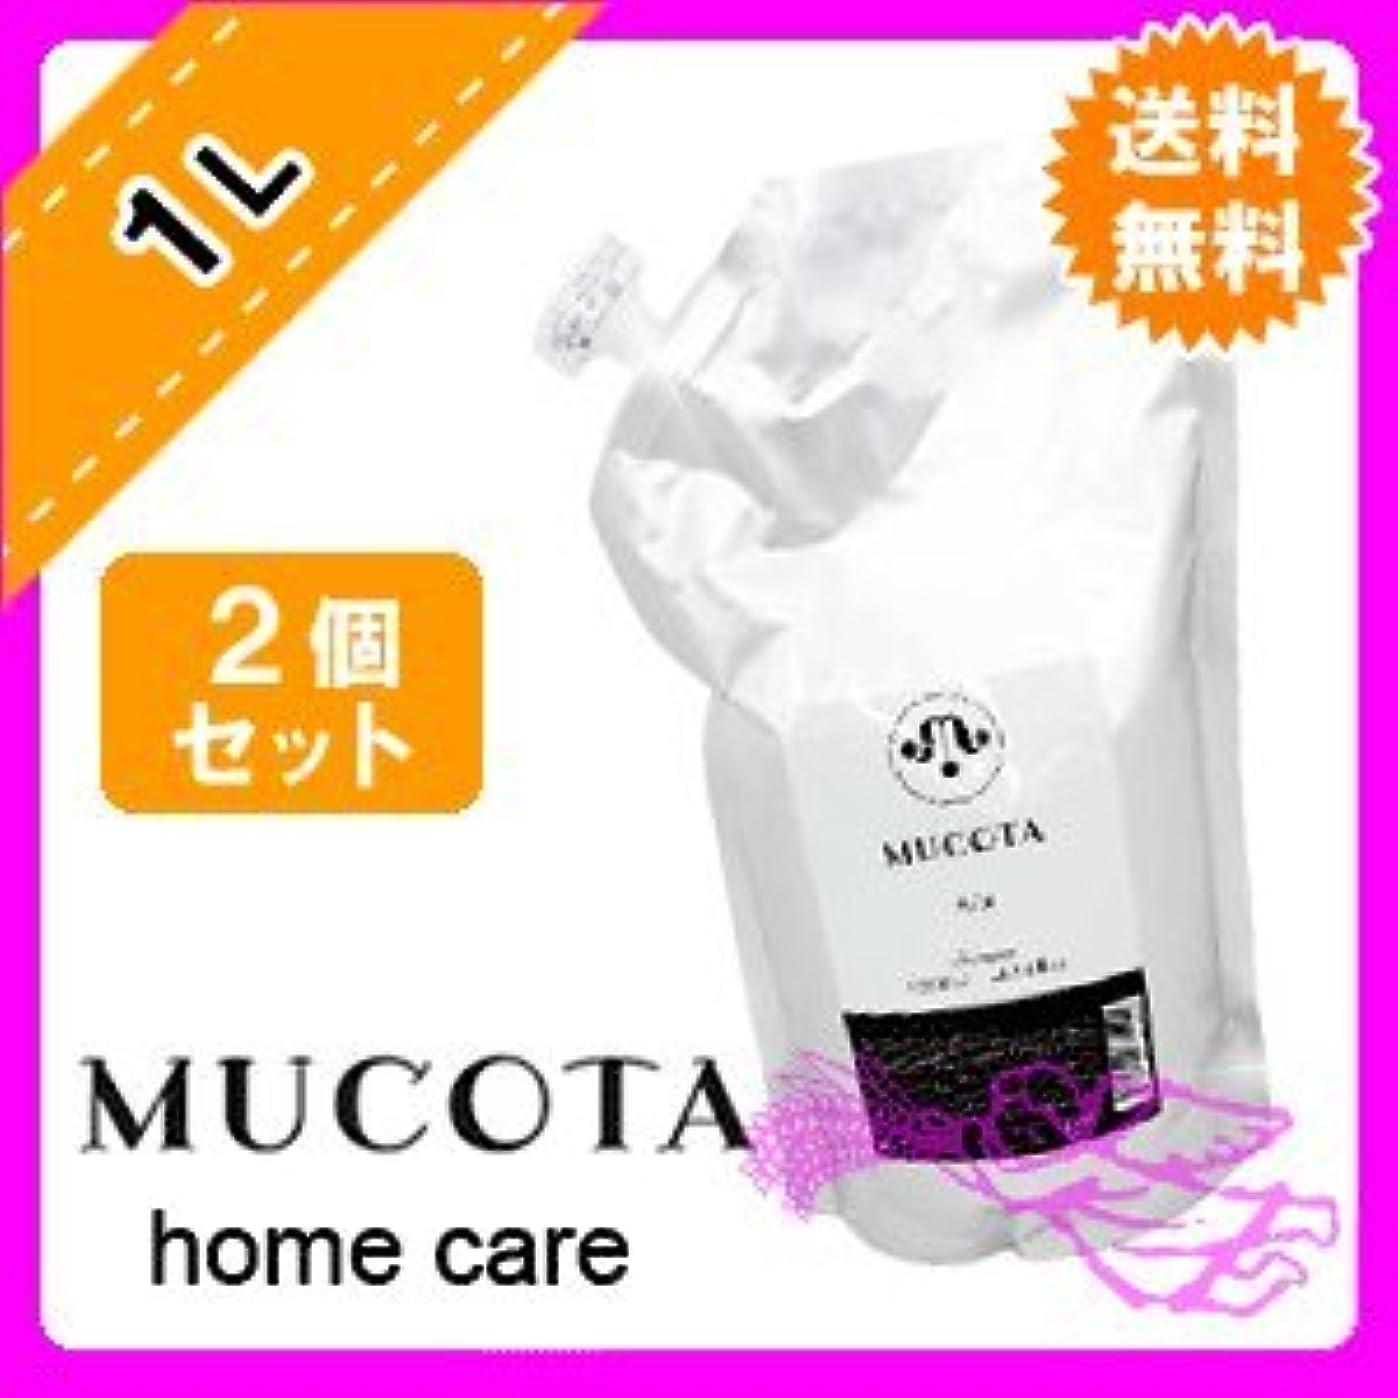 【X2個セット】 ムコタ A/31スイートアーモンド モイスチャー 1000mL (詰替用)